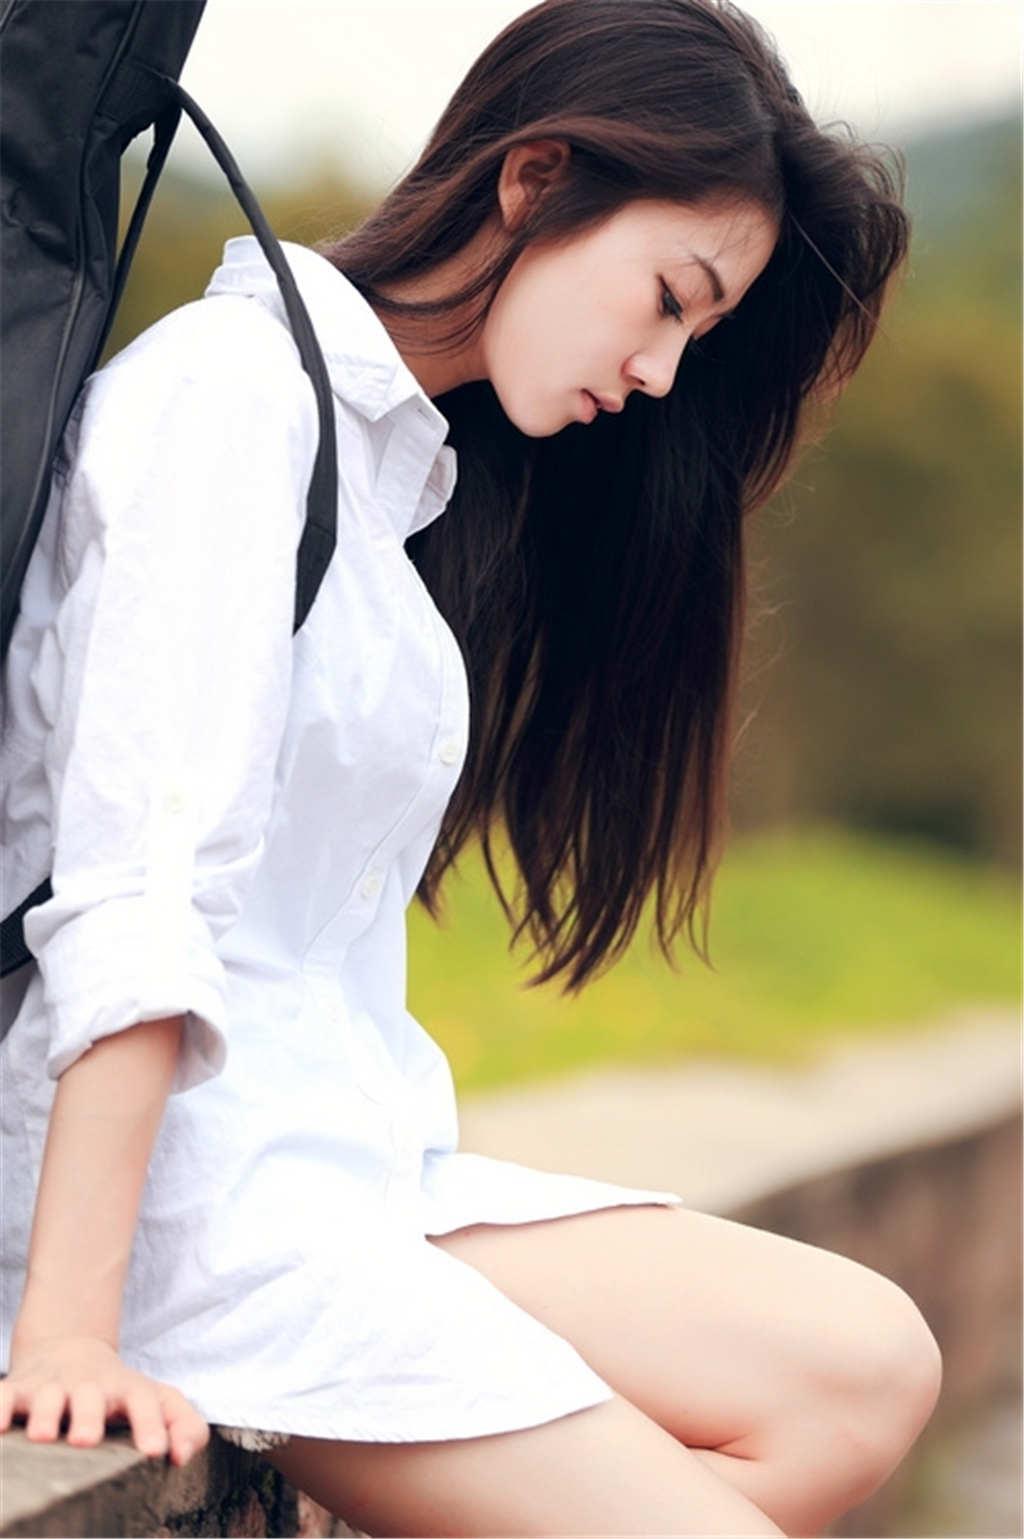 长发白衬衣女生背着吉他唯美图片(点击浏览下一张趣图)